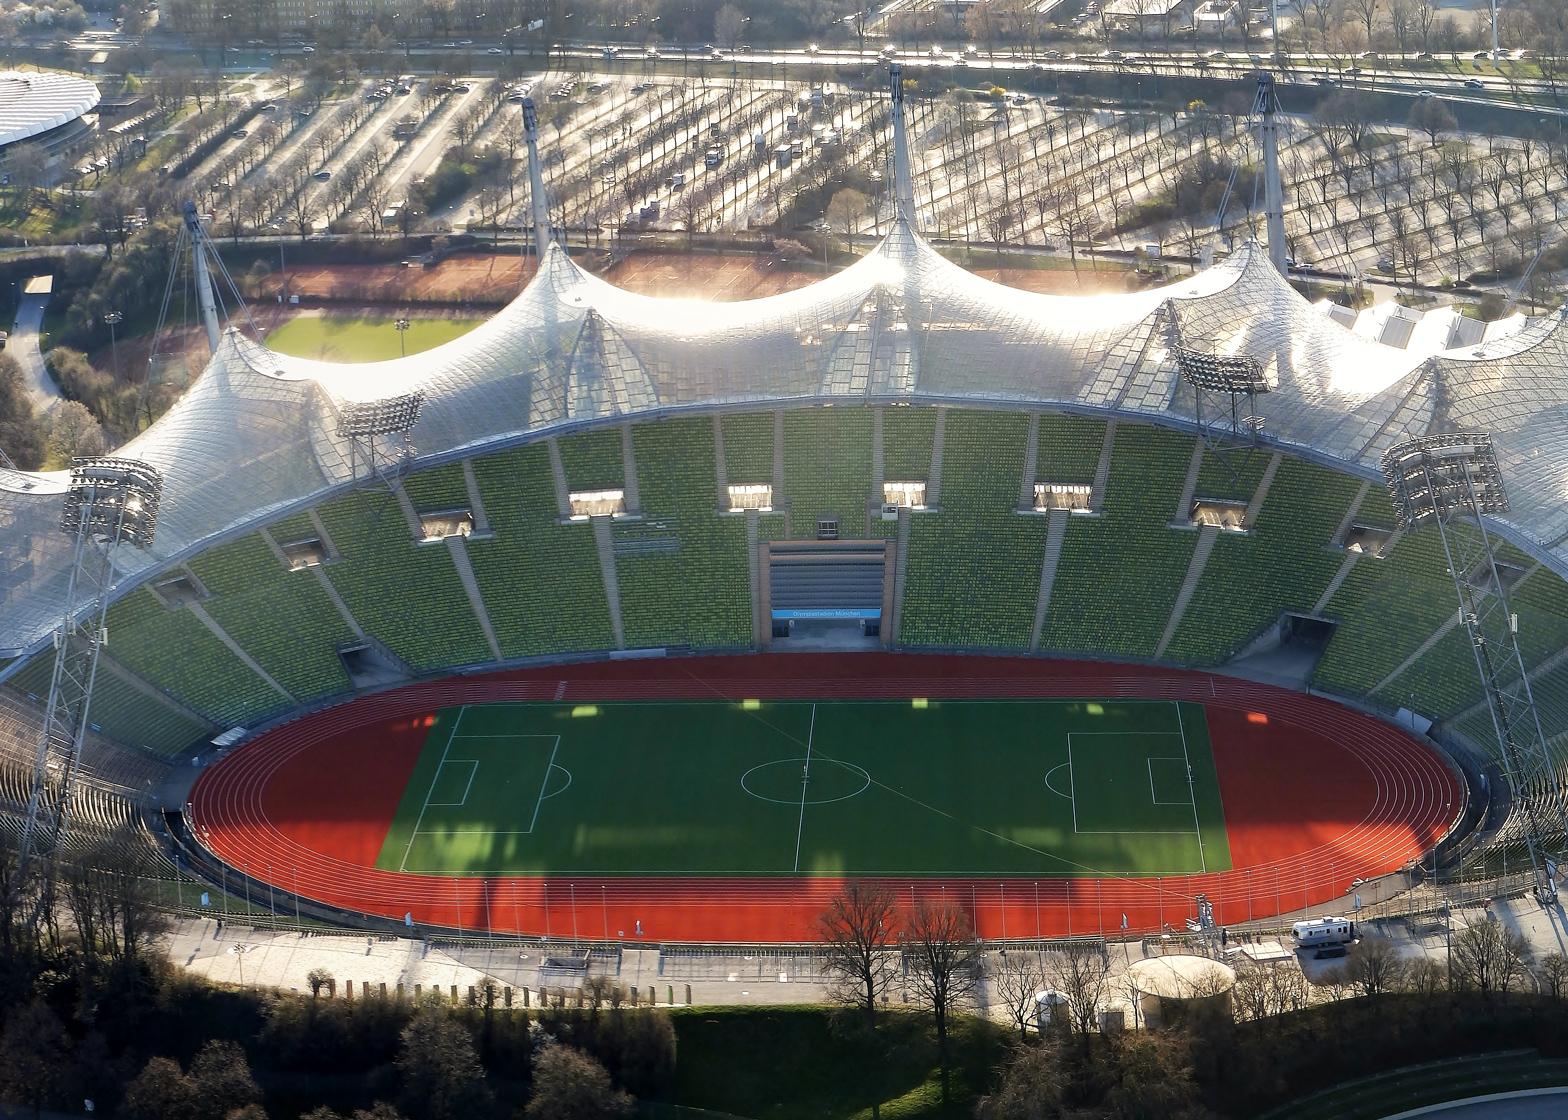 Olympiastadion München by Frei Otto, Munich 1972